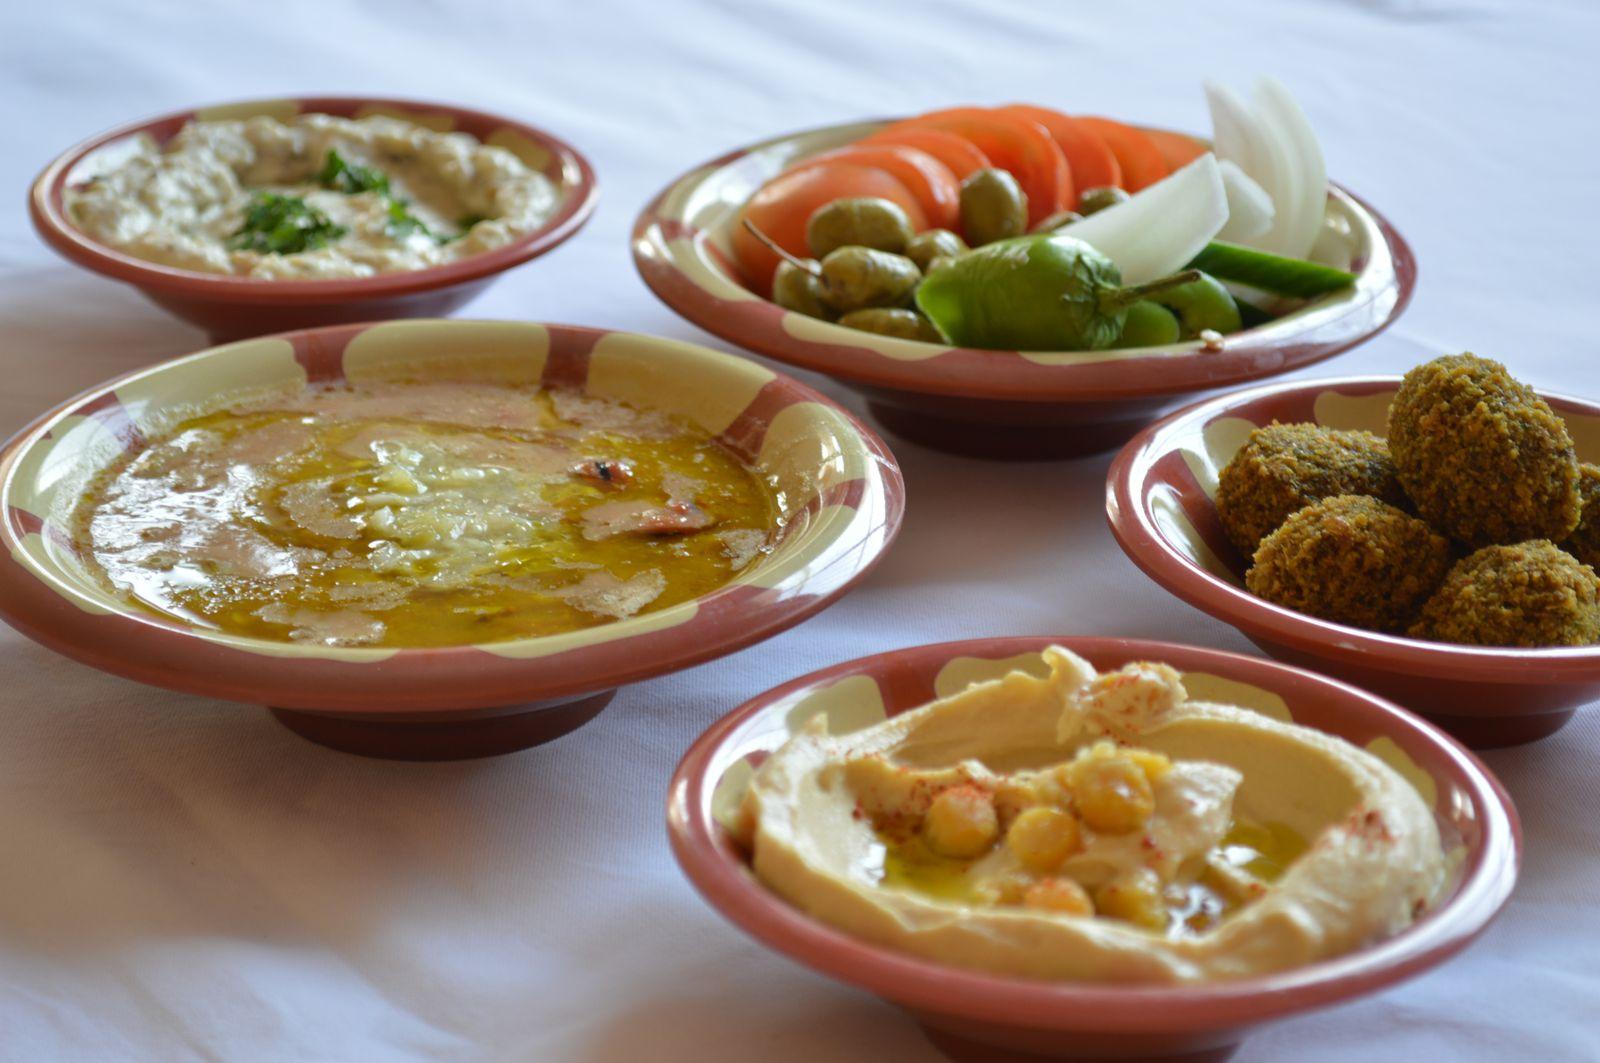 Zeituna la cuisine orientale facile pour tous - Cuisine orientale facile ...